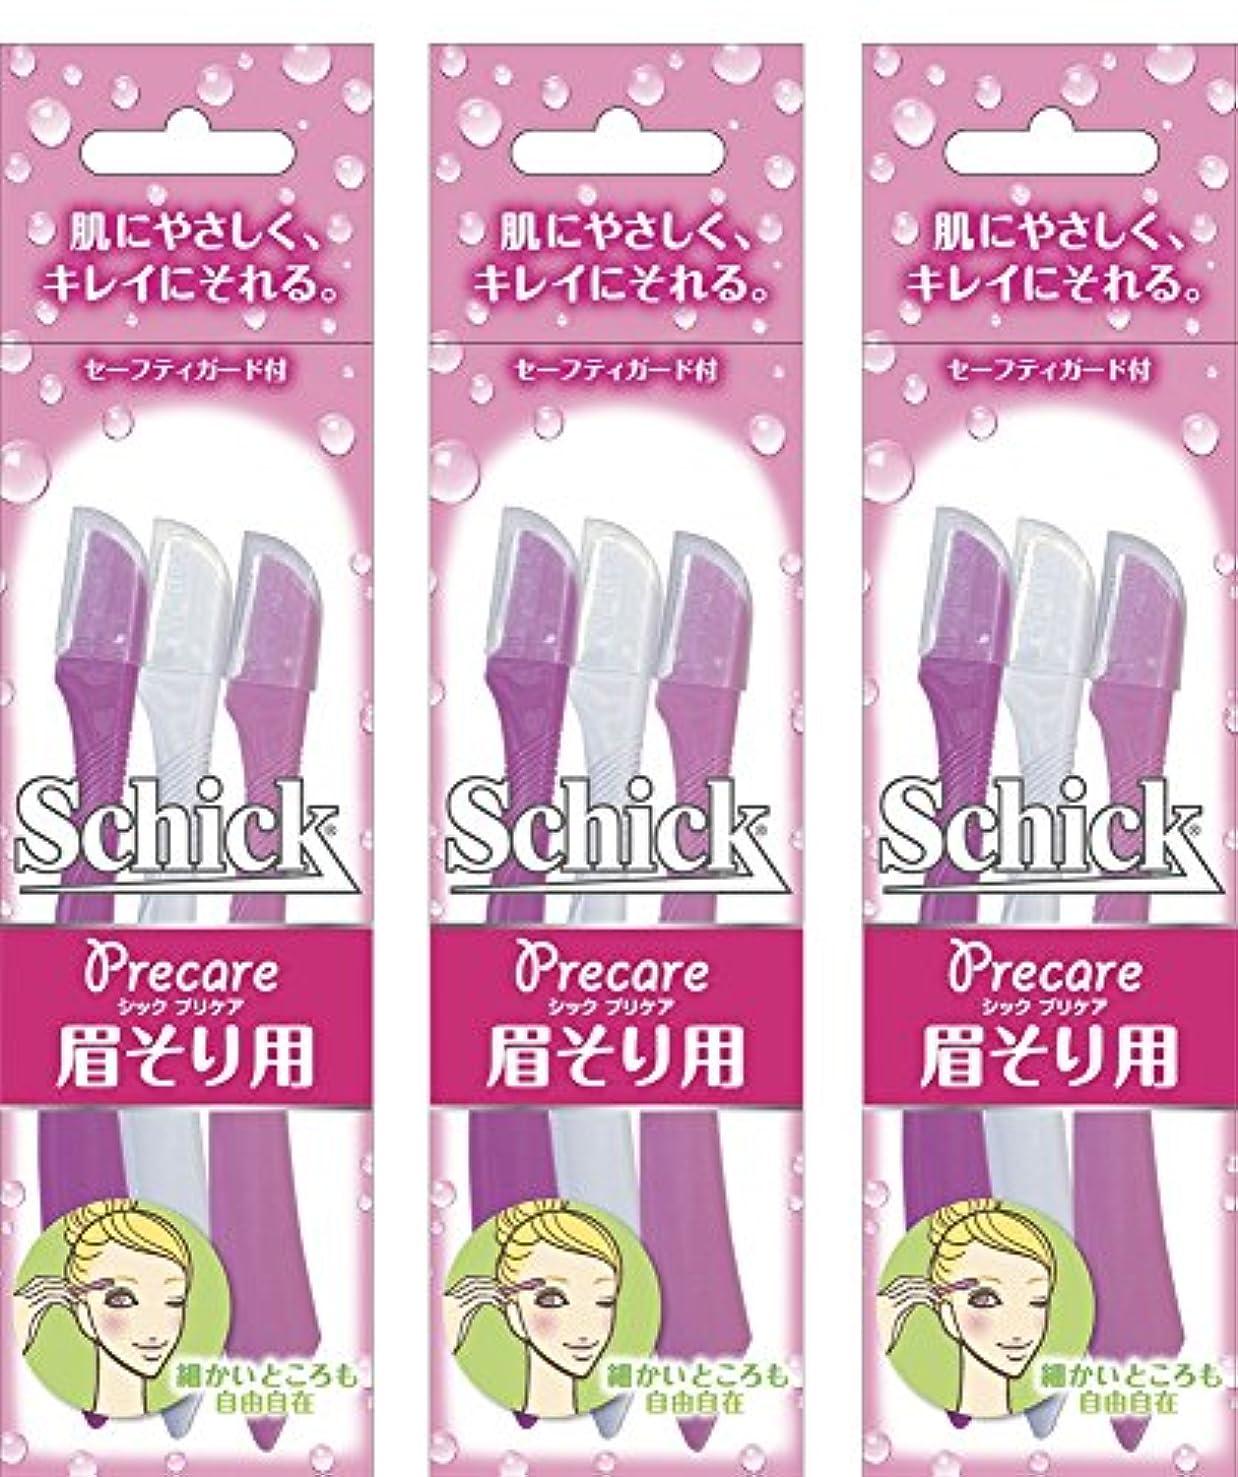 変わるガイドラインスカープシック Schick Lディスポ 使い捨て 眉そり用 (3本入)×3個 セーフィガード付 女性 カミソリ フェイス